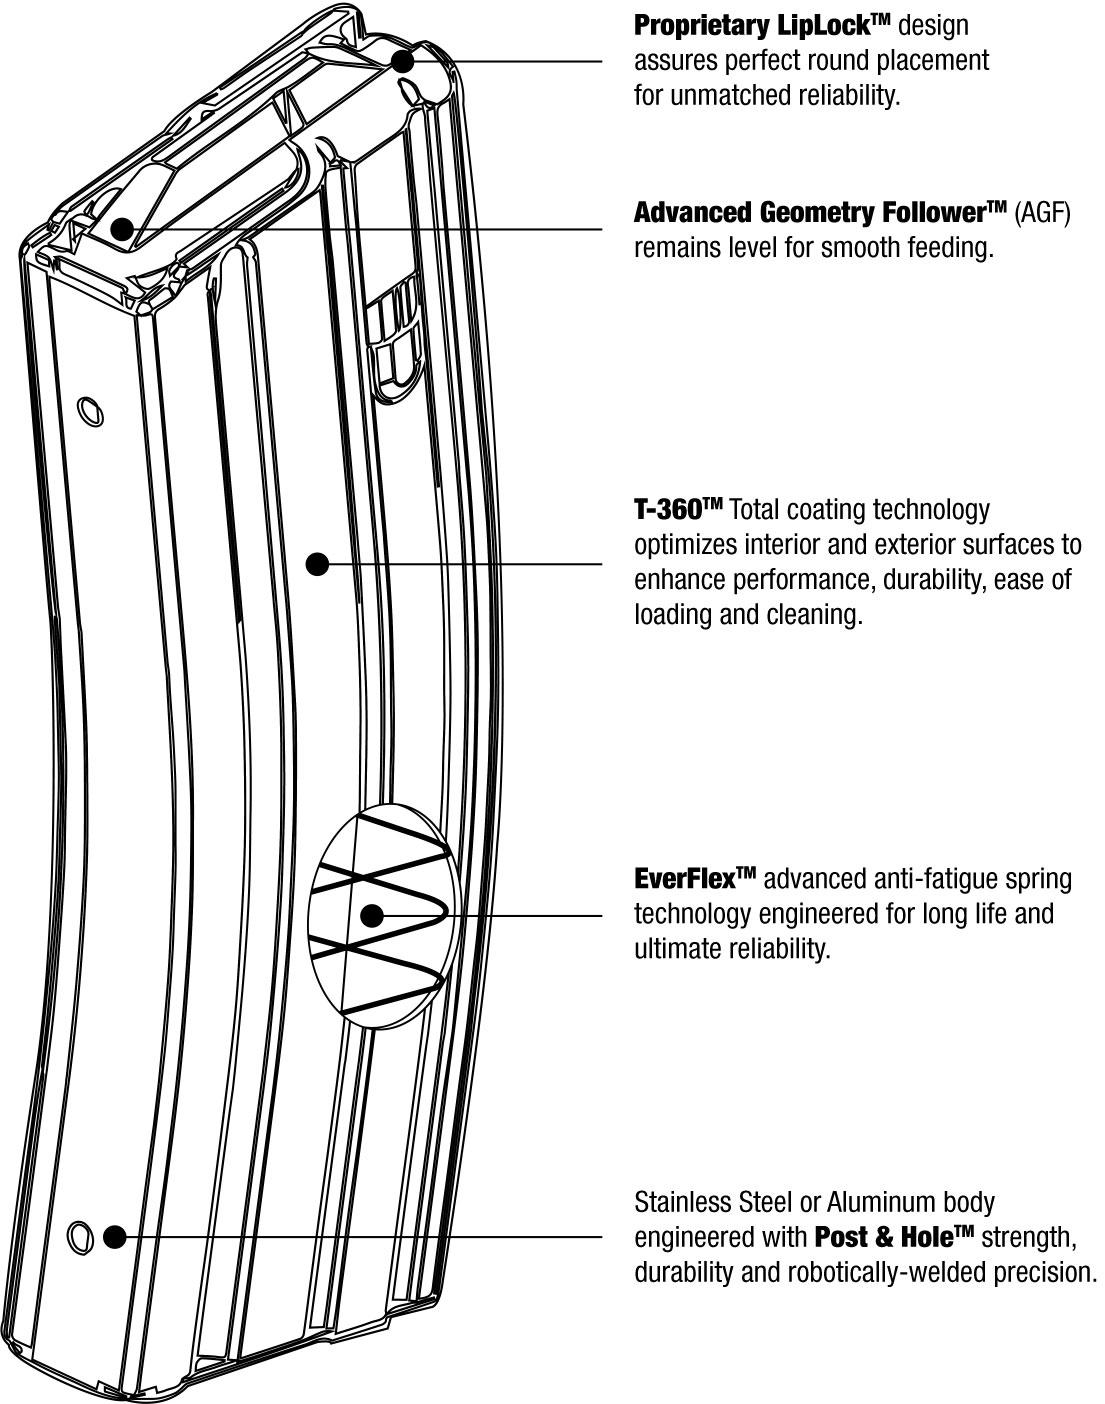 duramag-rifle-graphic.jpg